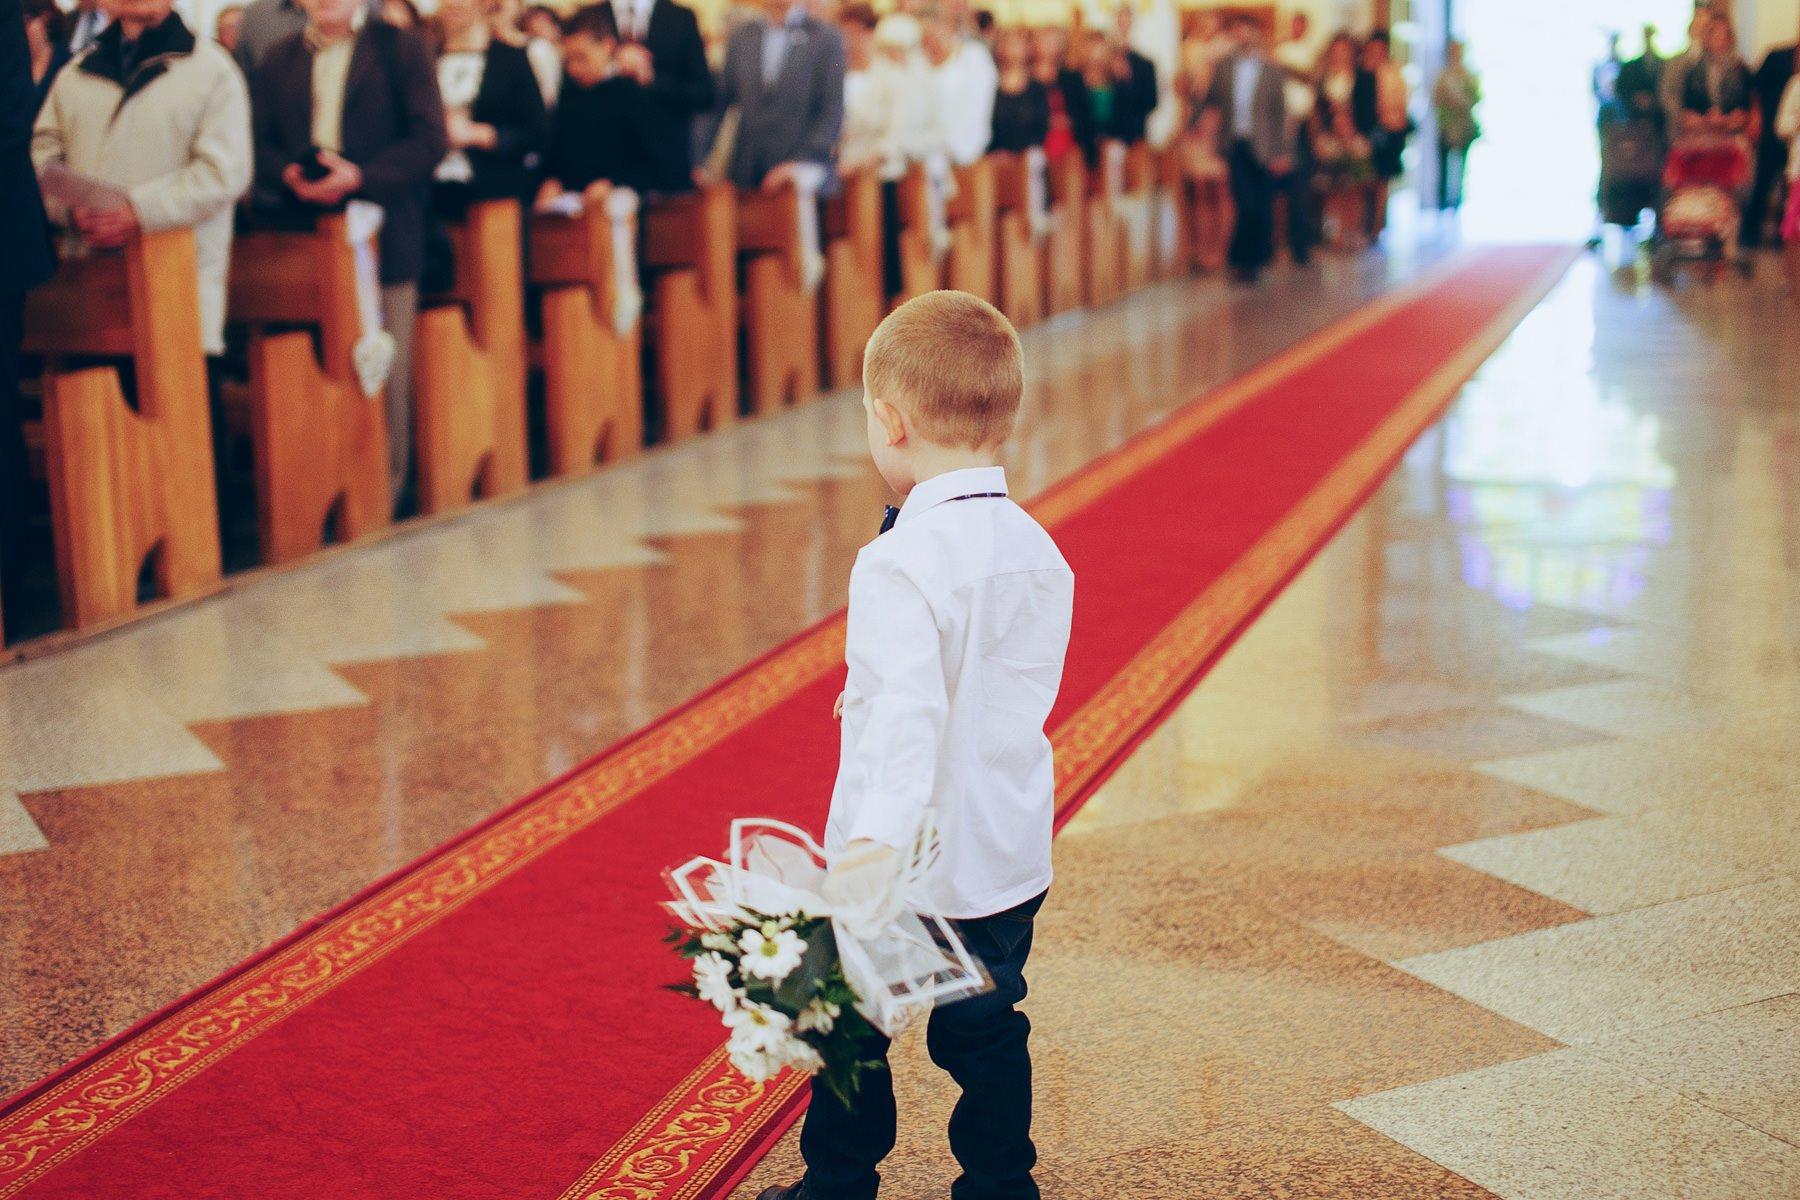 fotograf slub bielsko biala ania maciej 60 - Ślub w Bielsku-Białej - ANIA & MACIEJ